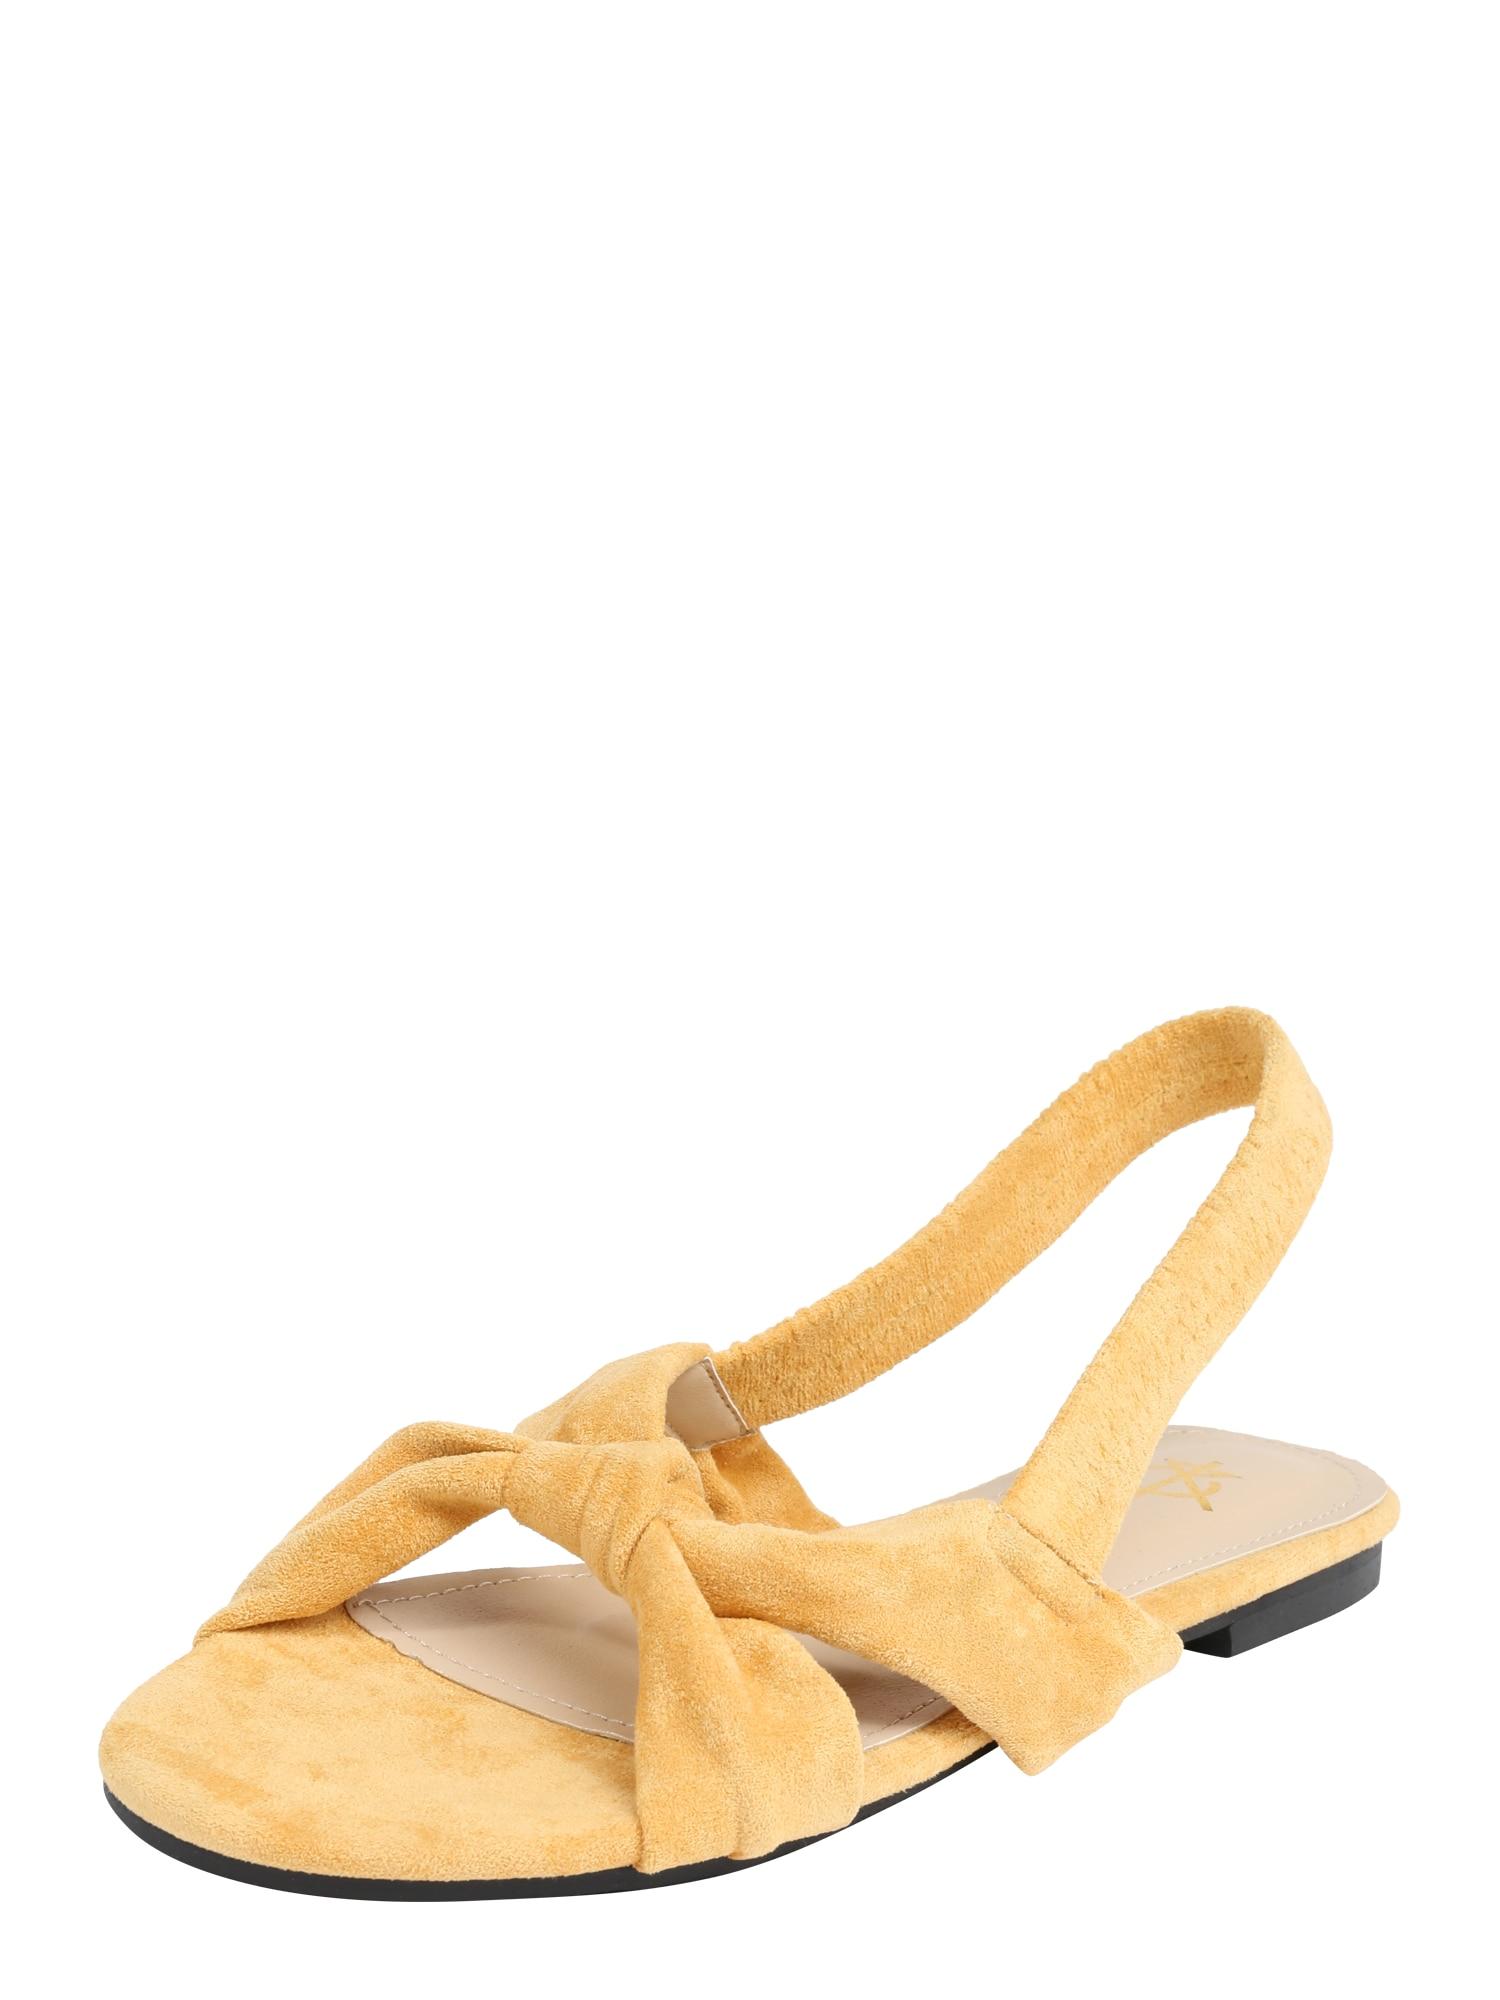 Sandály TARA žlutá 4th & Reckless